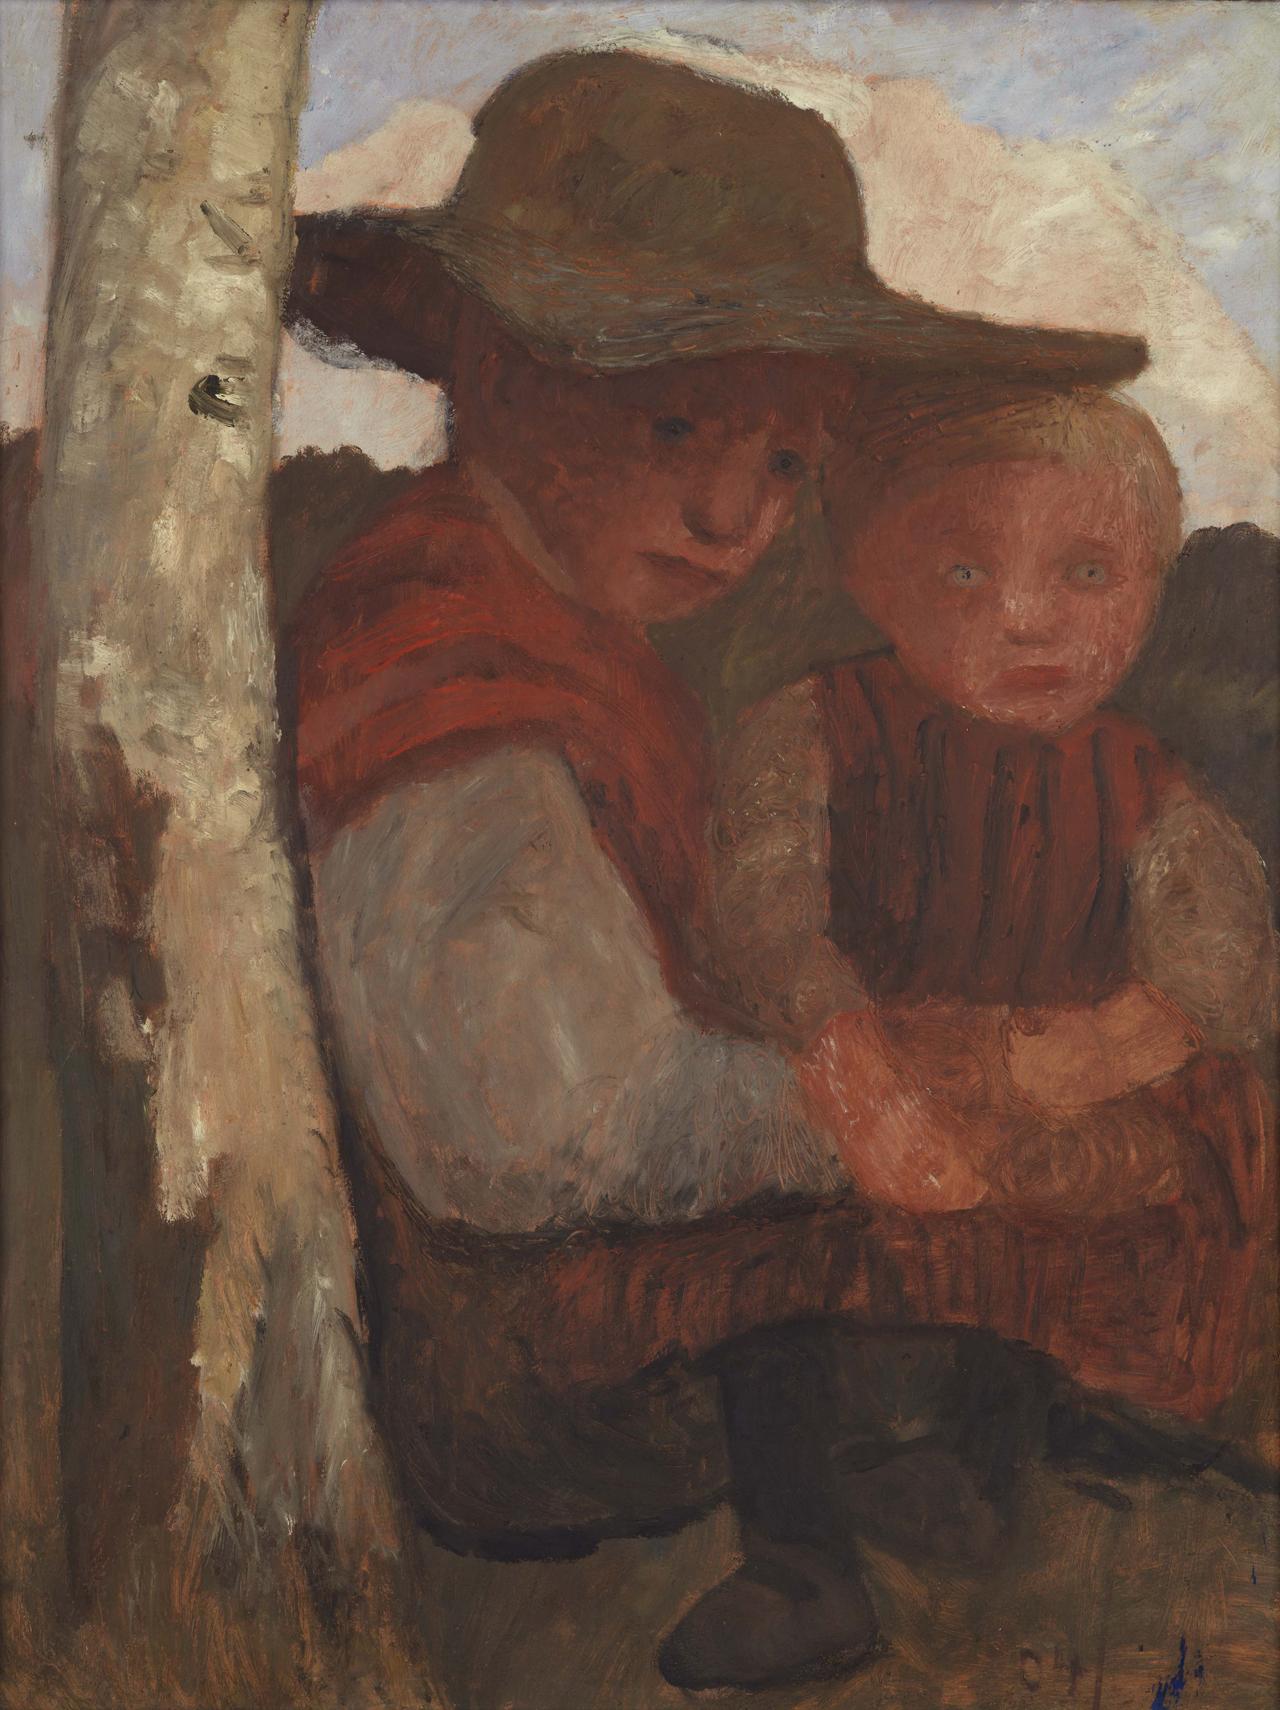 Paula Modersohn-Becker, Sitzendes Mädchen mit Strohhut und Kind auf dem Schoß, 1904, Tempera auf Karton, 74 x 58 cm